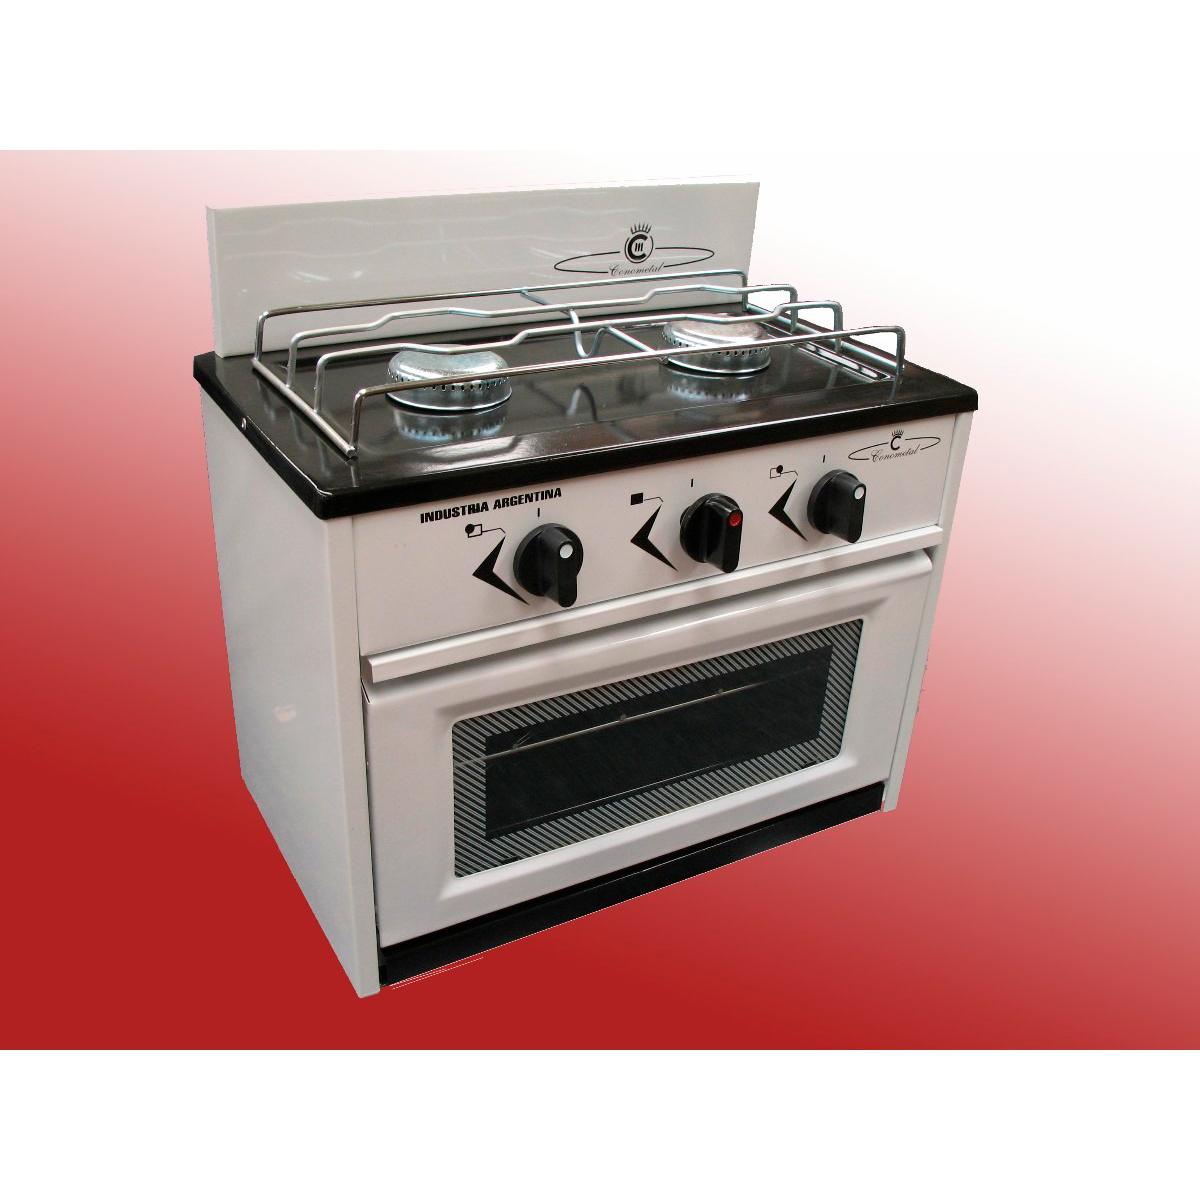 Cocina 2 hornallas con horno frente vidrio conometal for Hornos de cocina